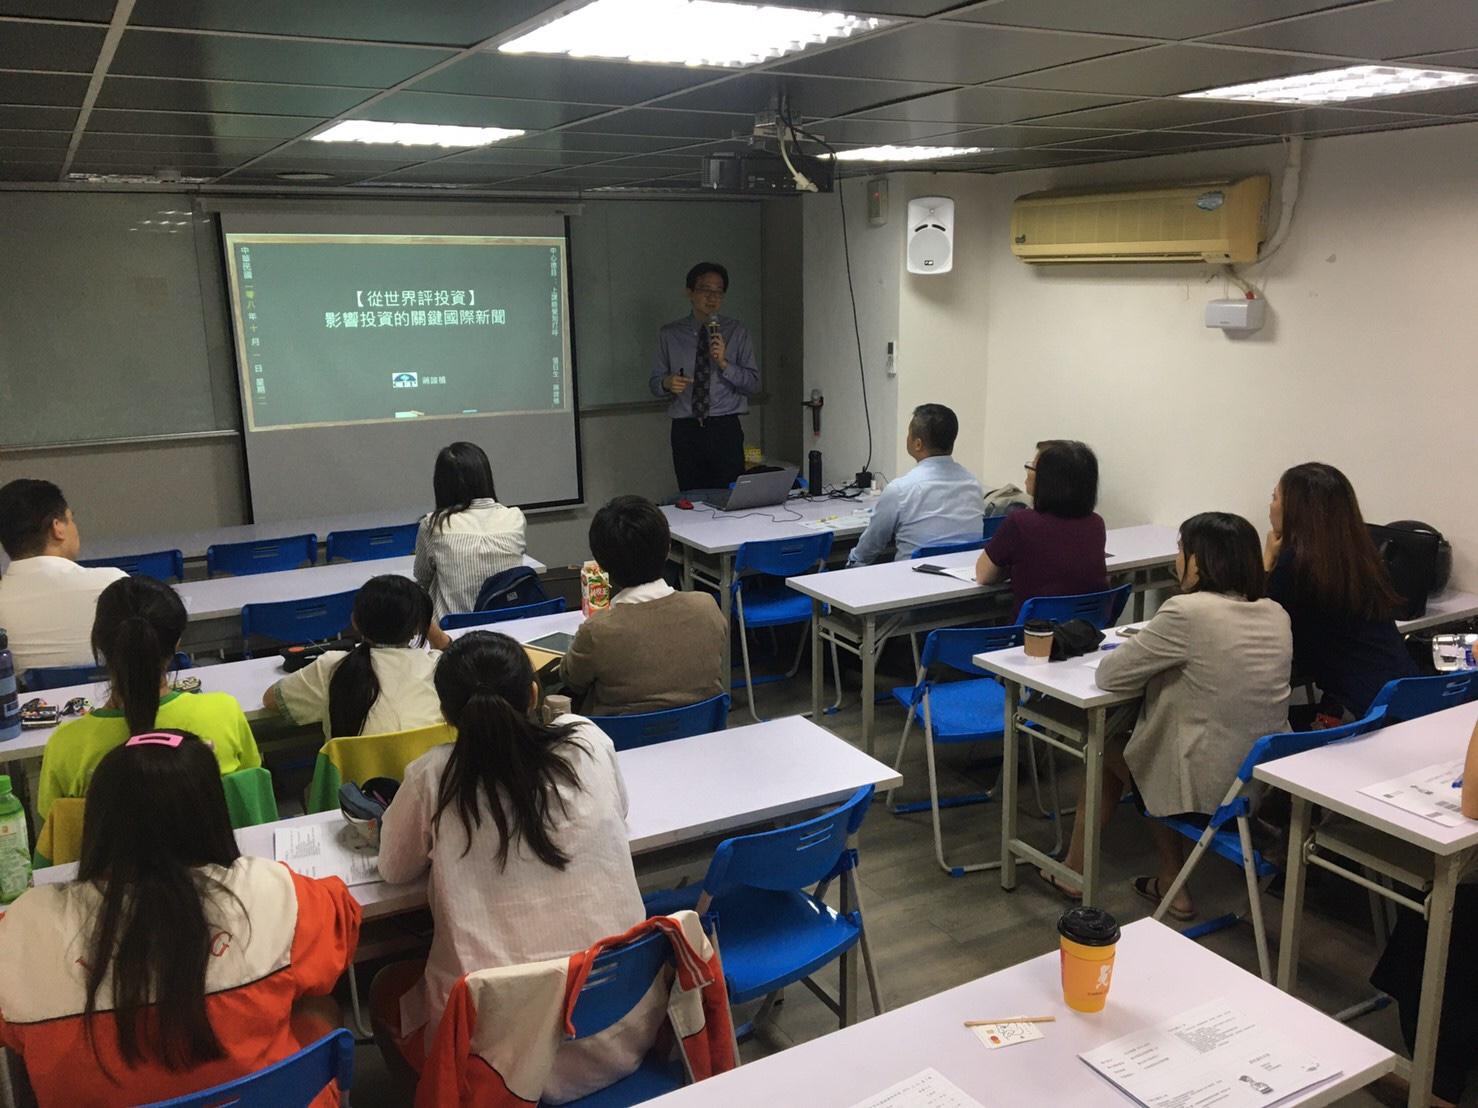 理財+1課: 最新課程及課程花絮